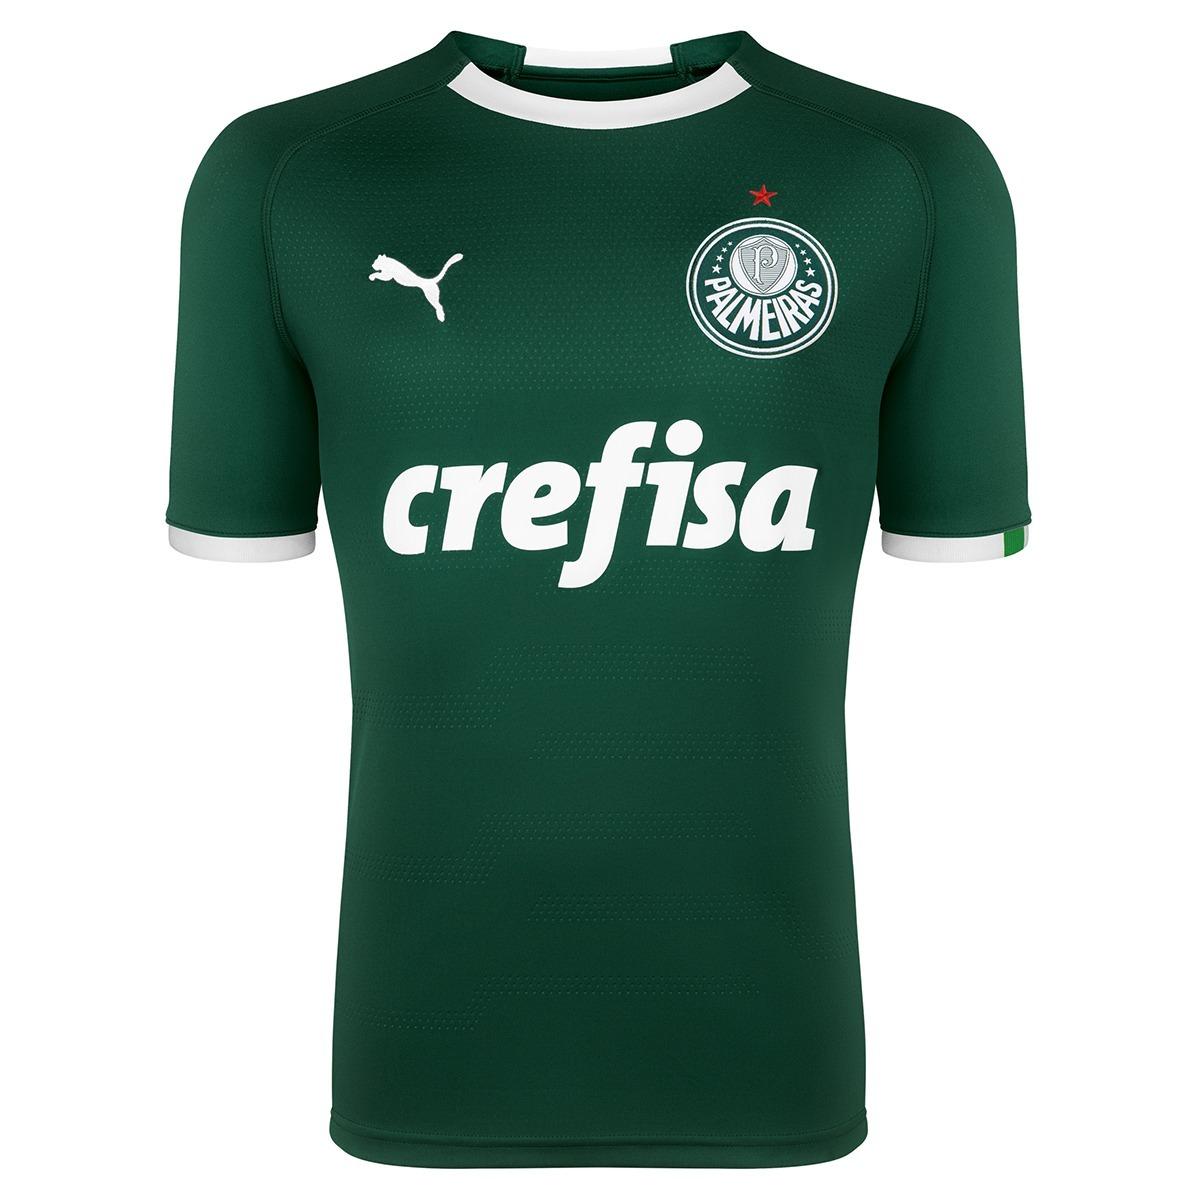 Nova Camisa Palmeiras Oficial Home 2019 - Frete Grátis! - R  159 6f190439d13ce